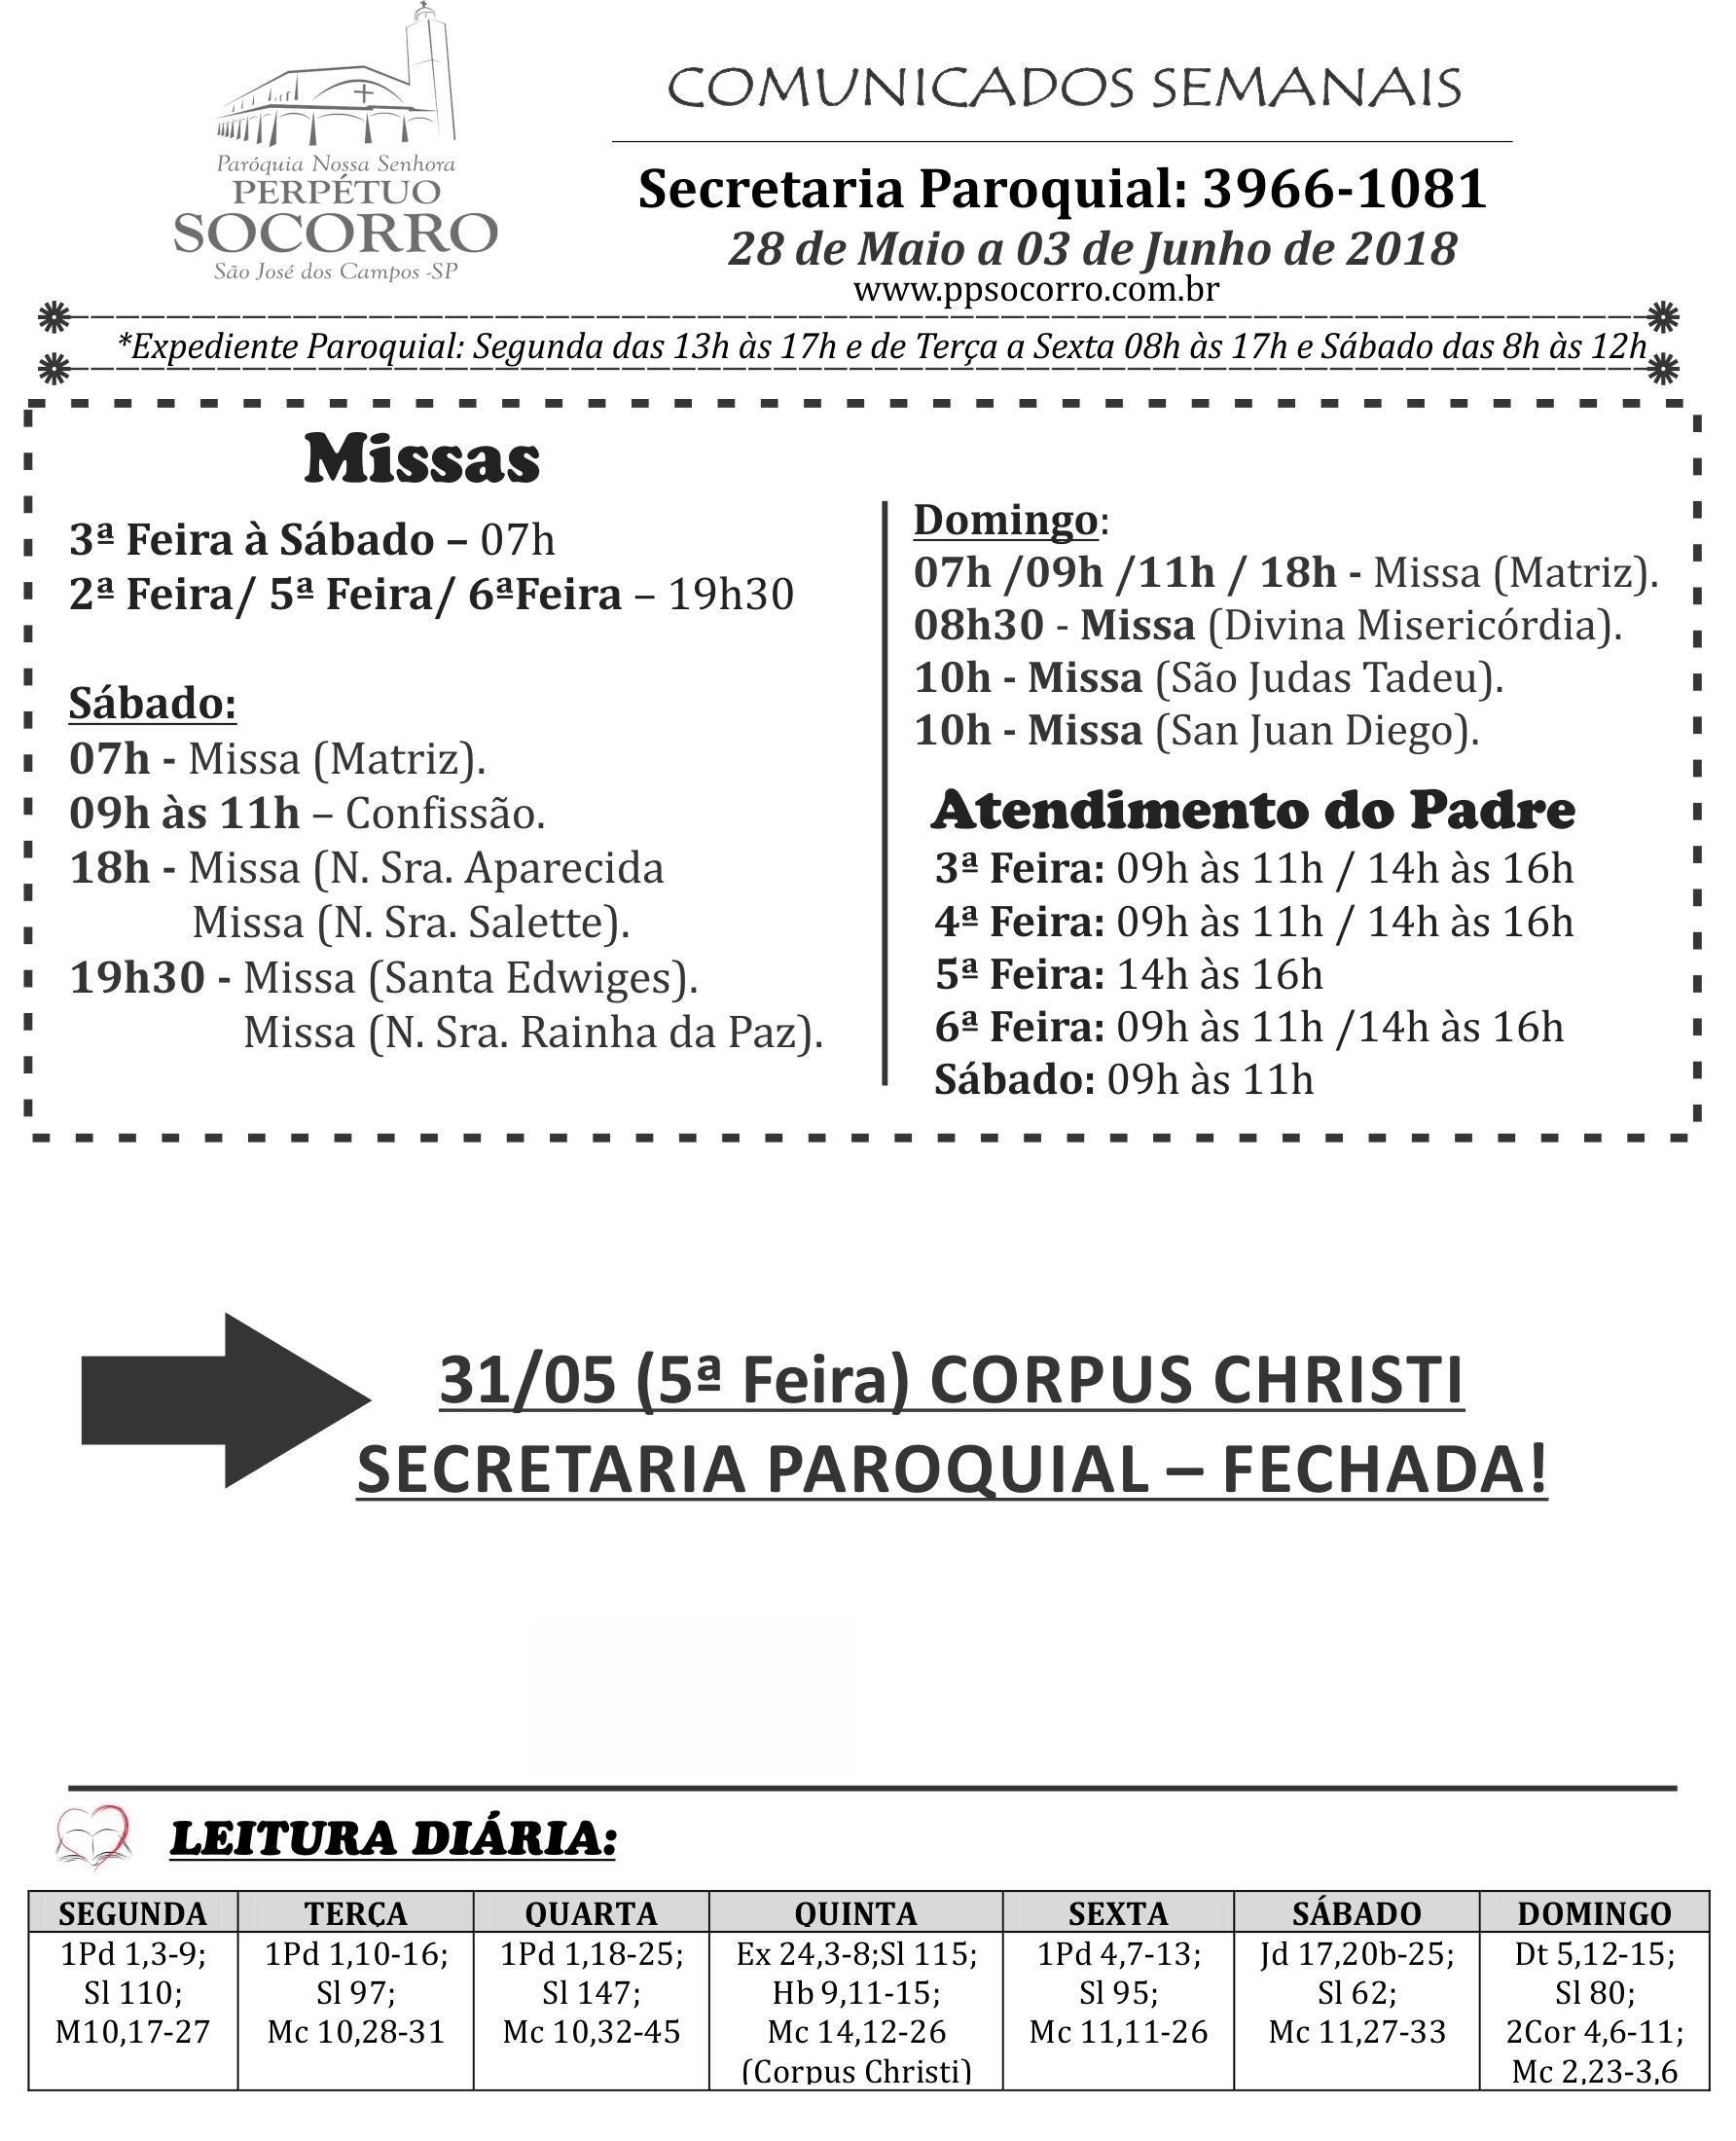 28 DE MAIO A 03 DE JUNHO1